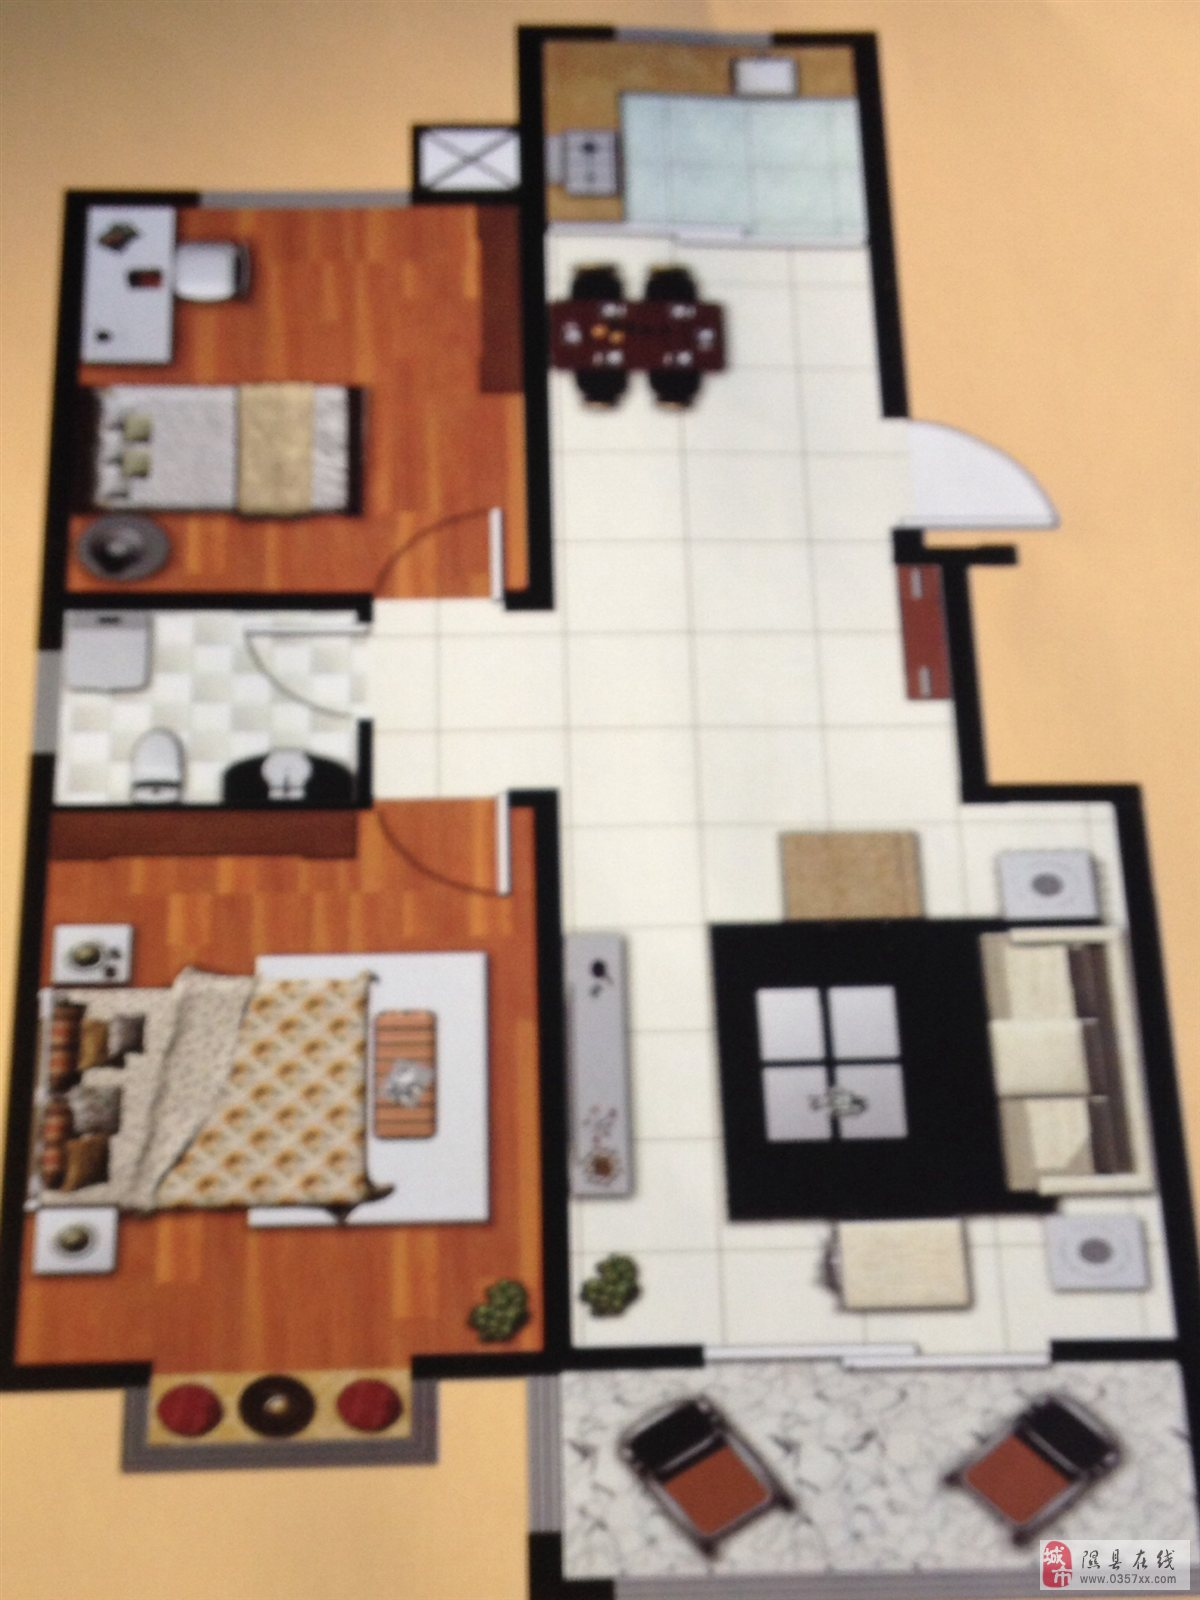 房屋平面设计图怎么看展示